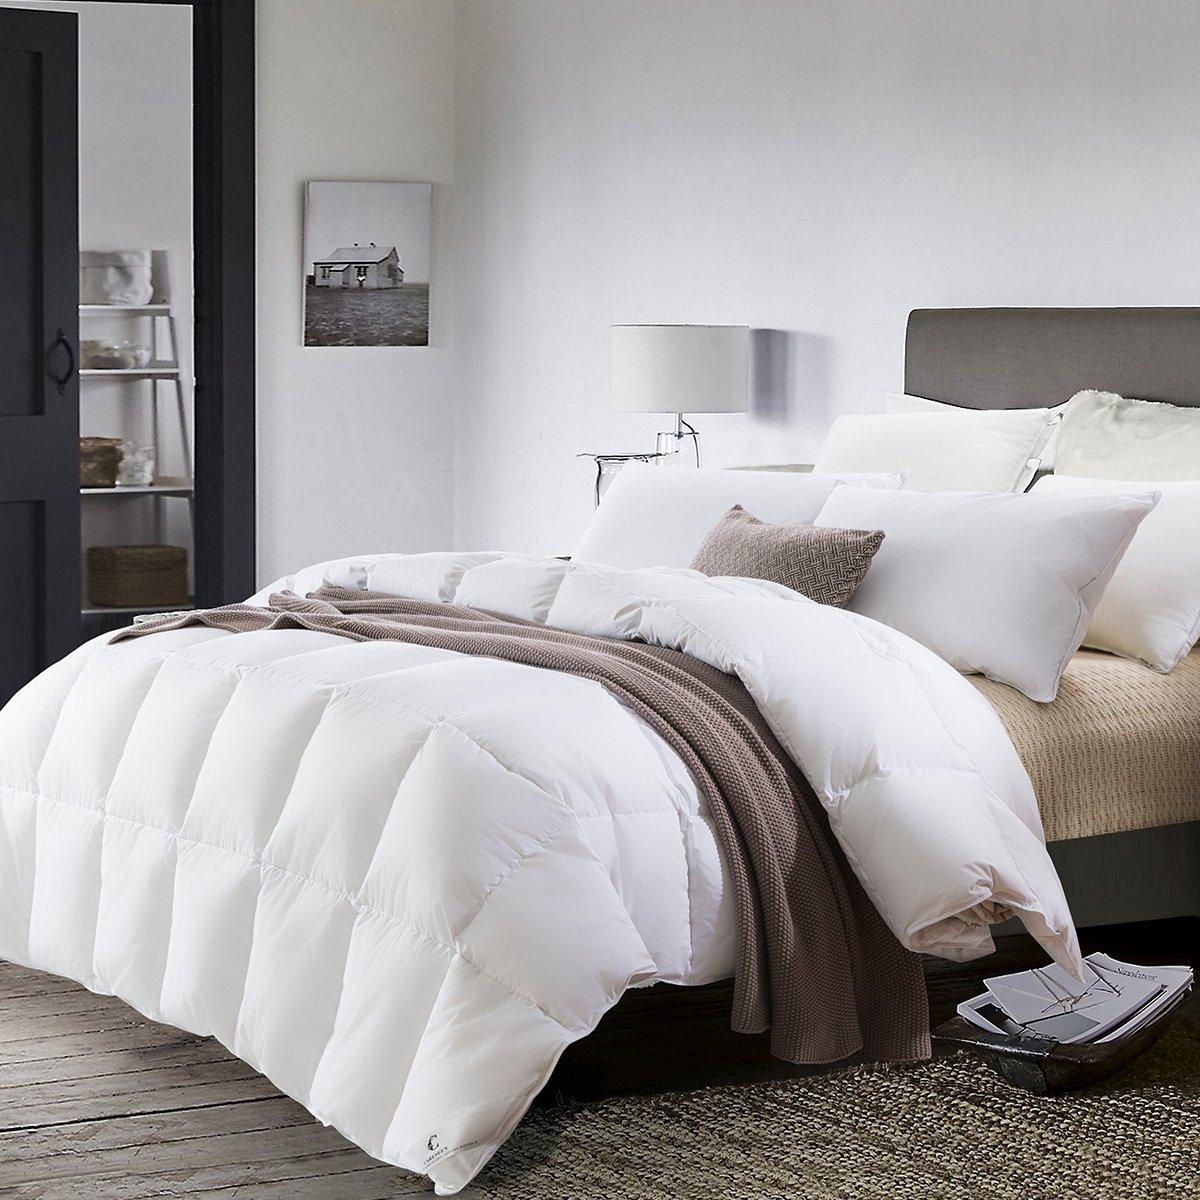 康尔馨五星级酒店全棉静音面料90%/95%白鹅绒填充被子加厚保暖羽绒被6925601522314